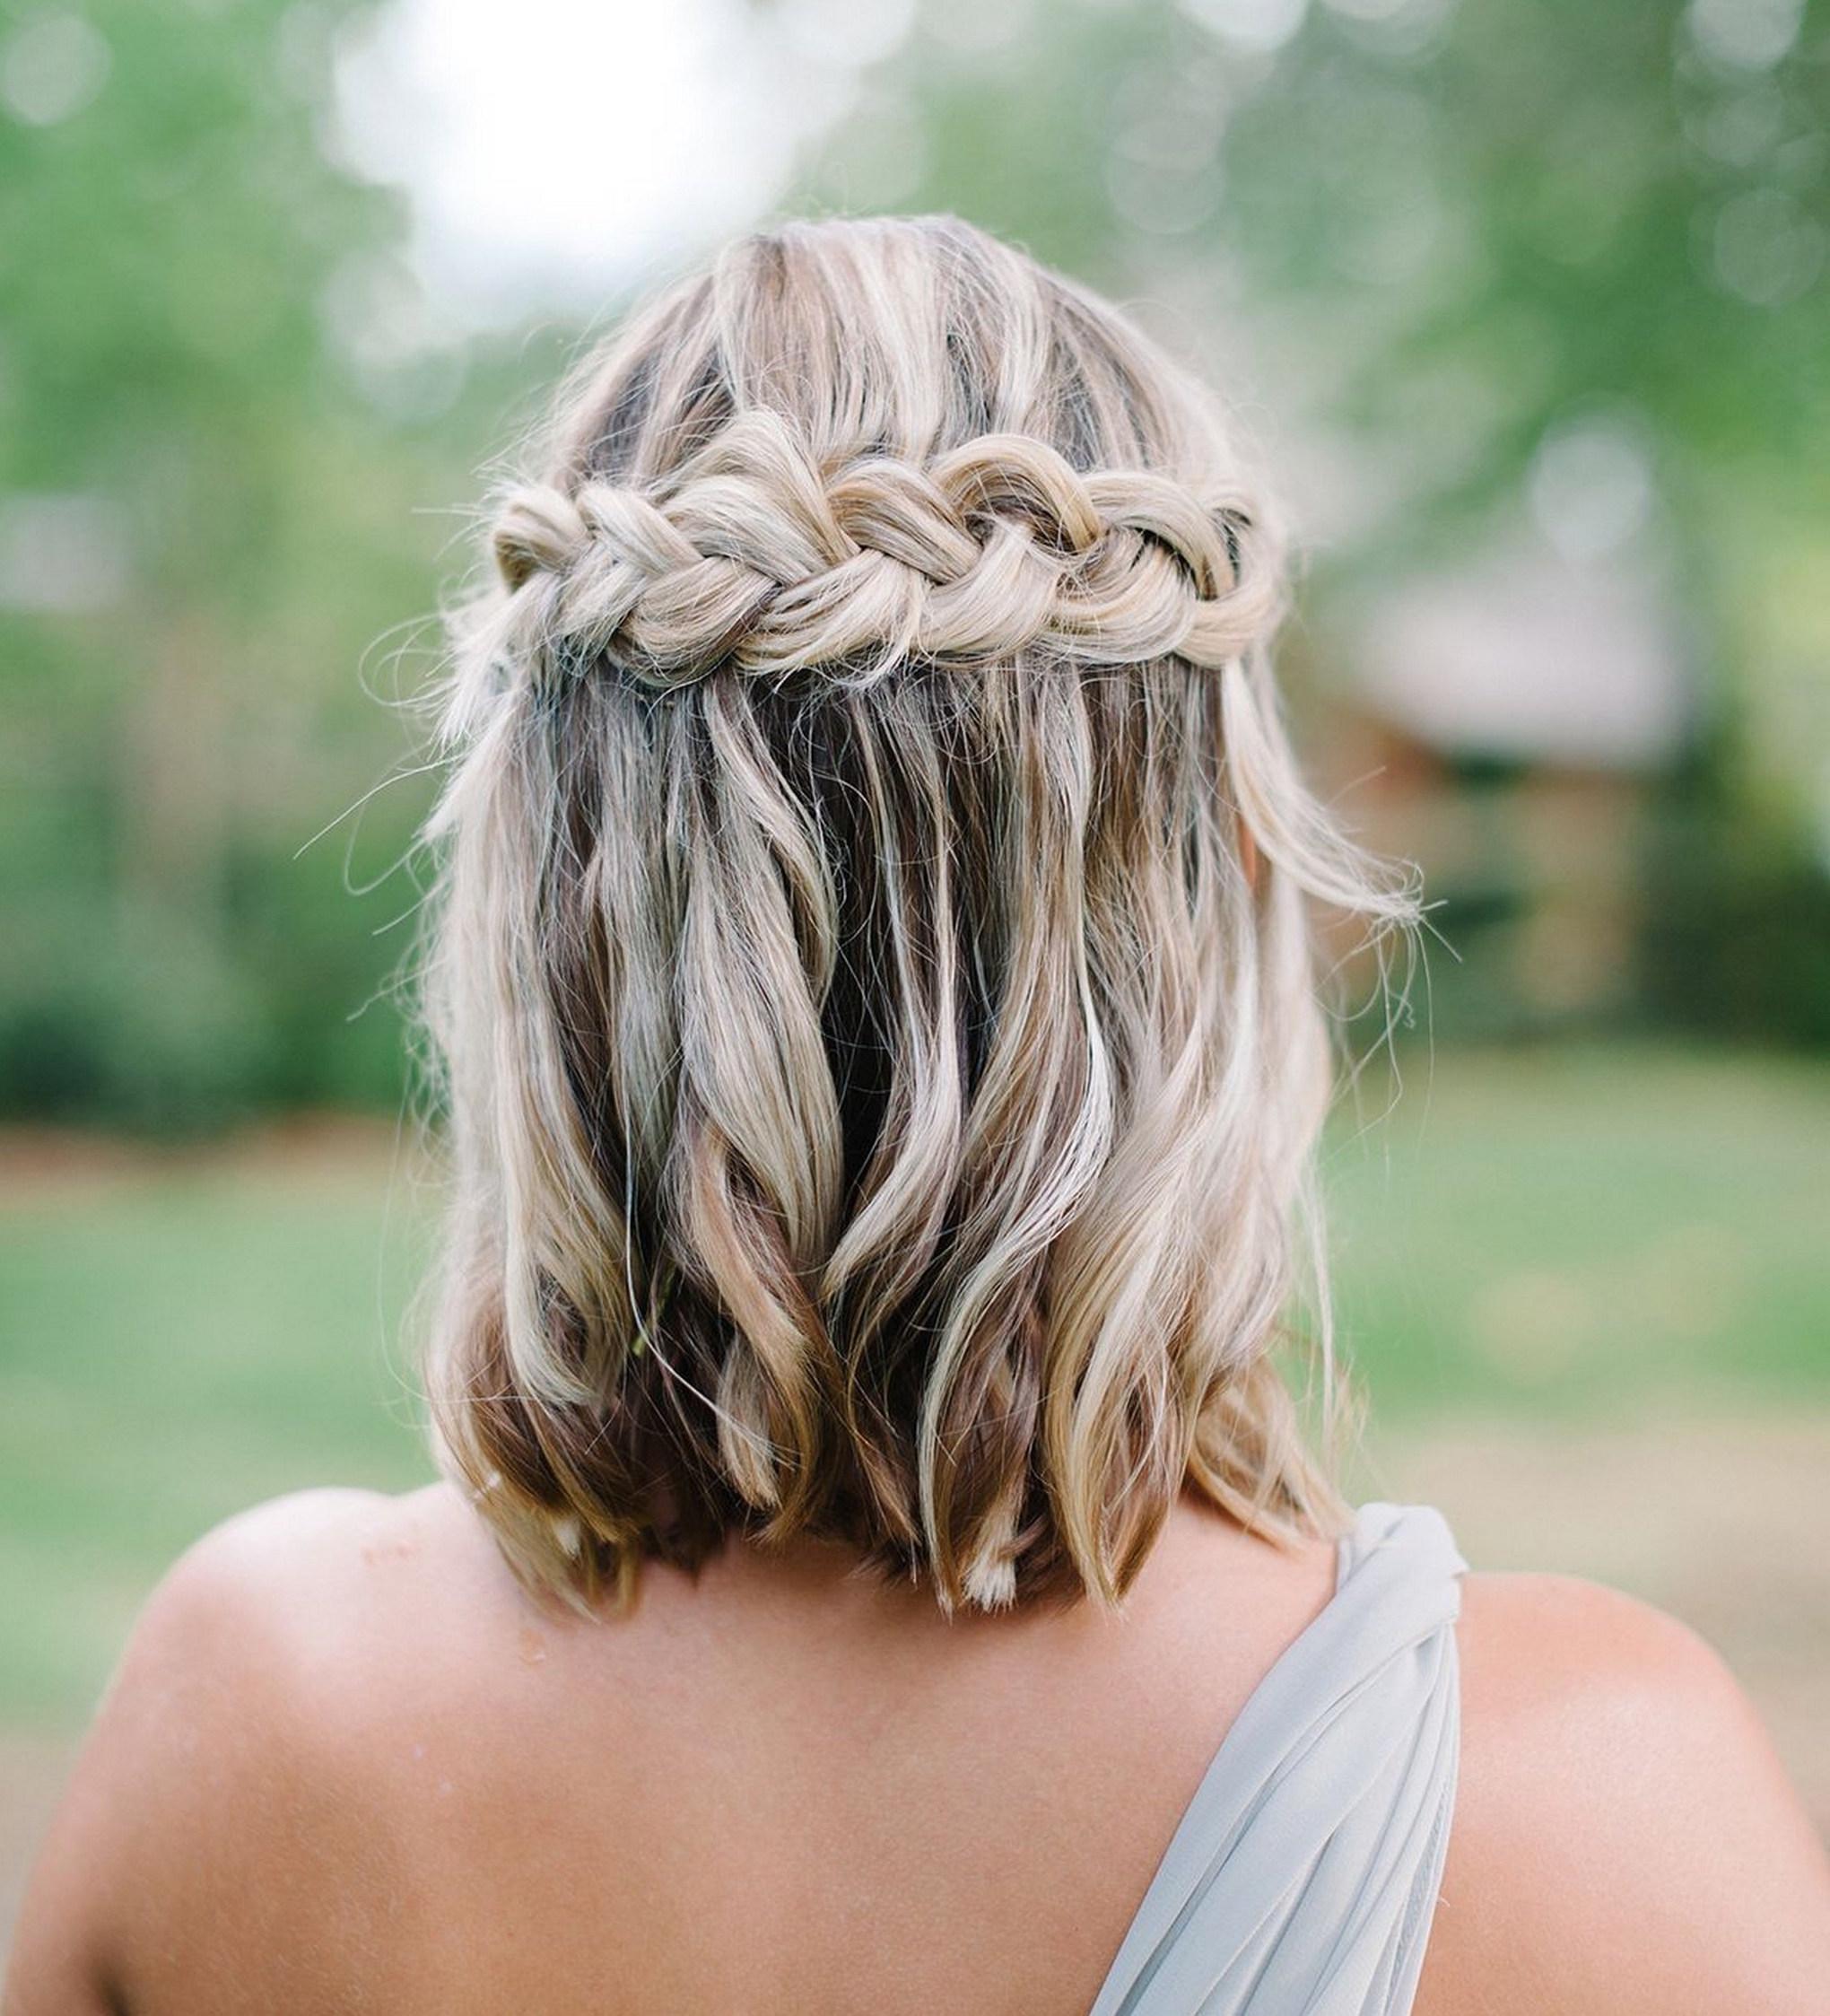 các kiểu thắt tóc đẹp